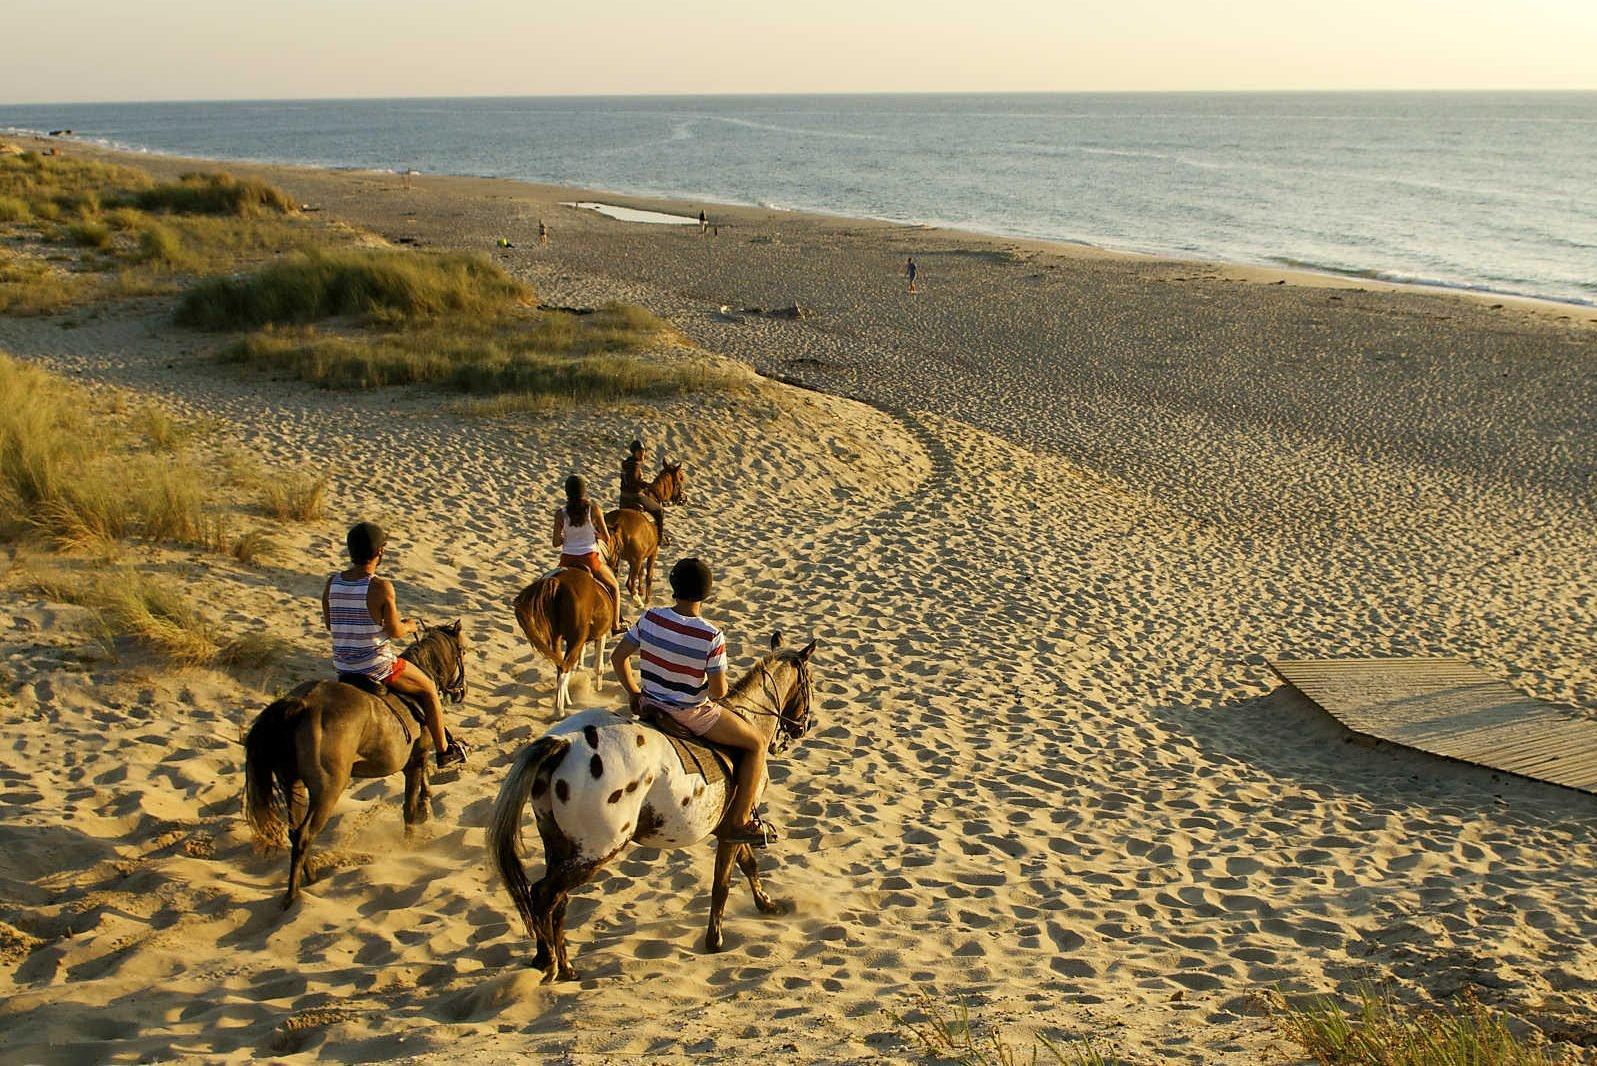 horse riding on sandy beach